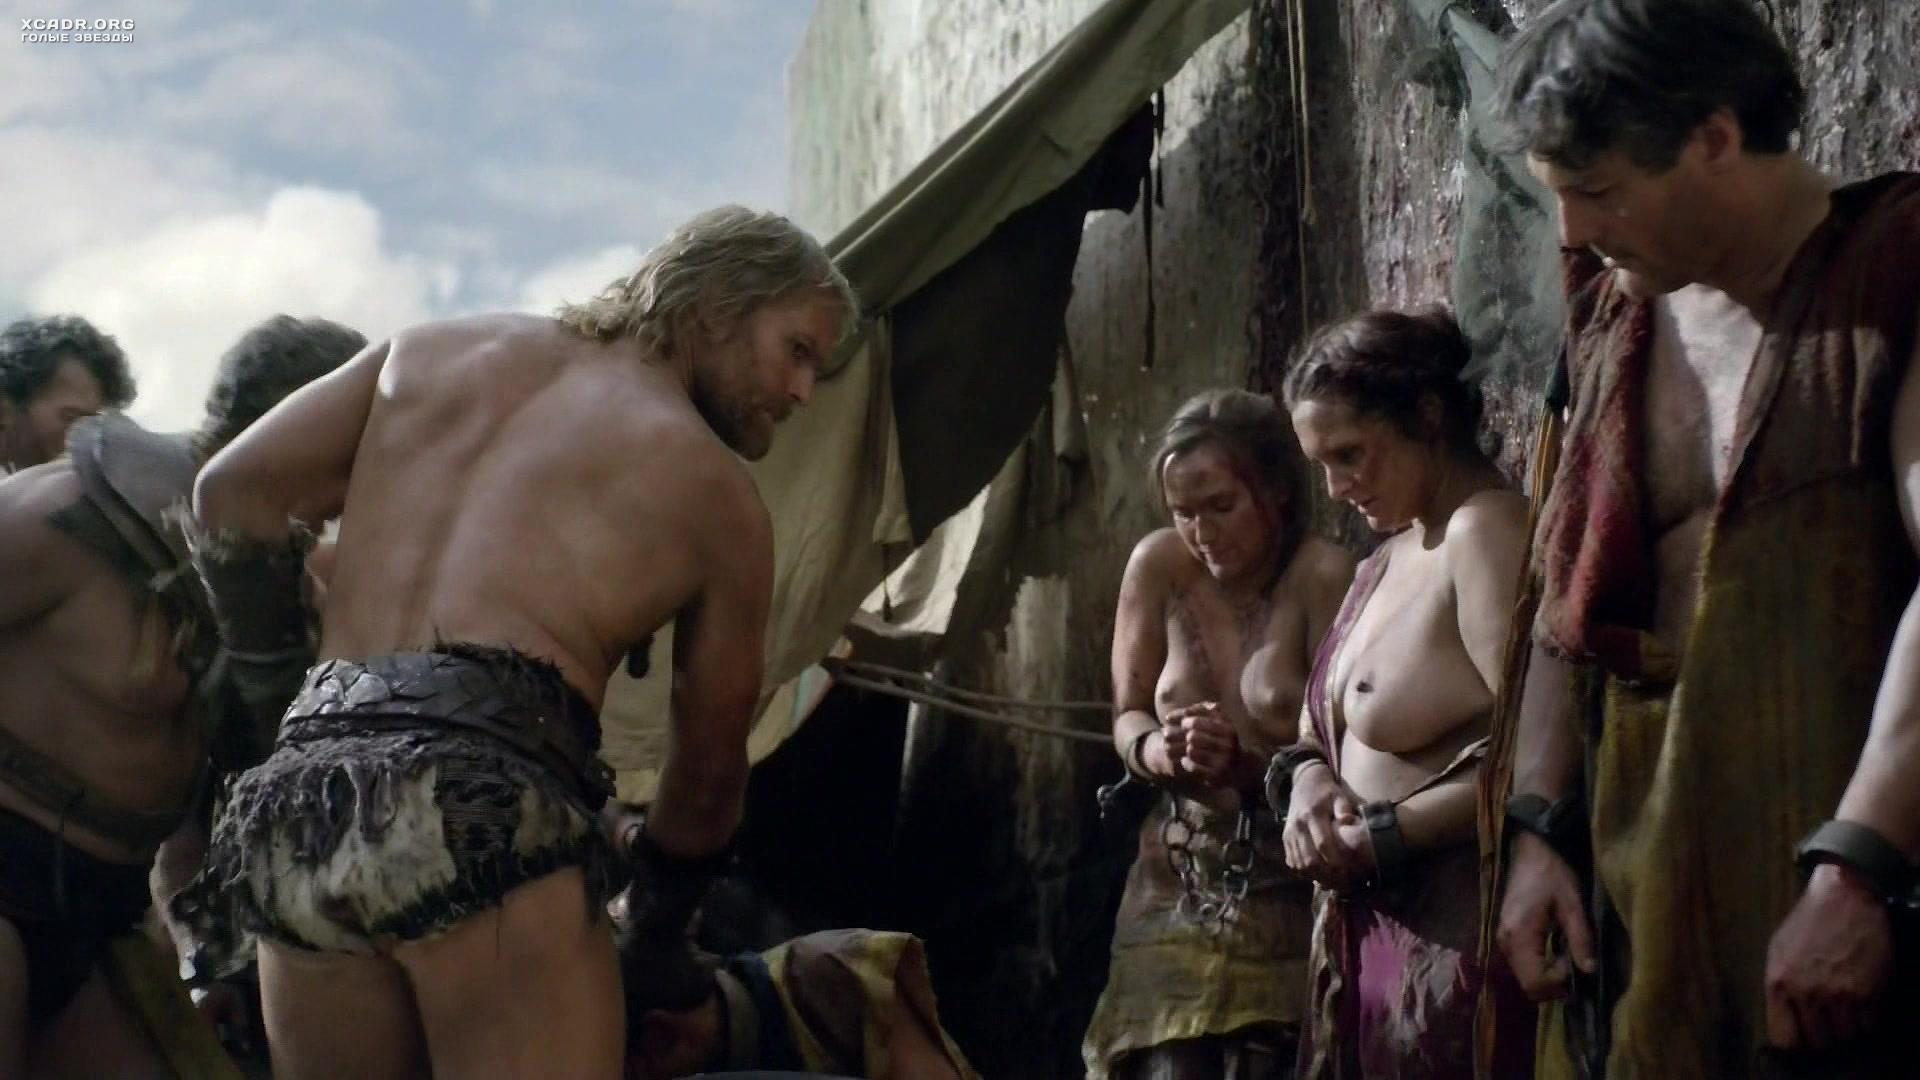 Проклятых шлюхи актрисы спартак война